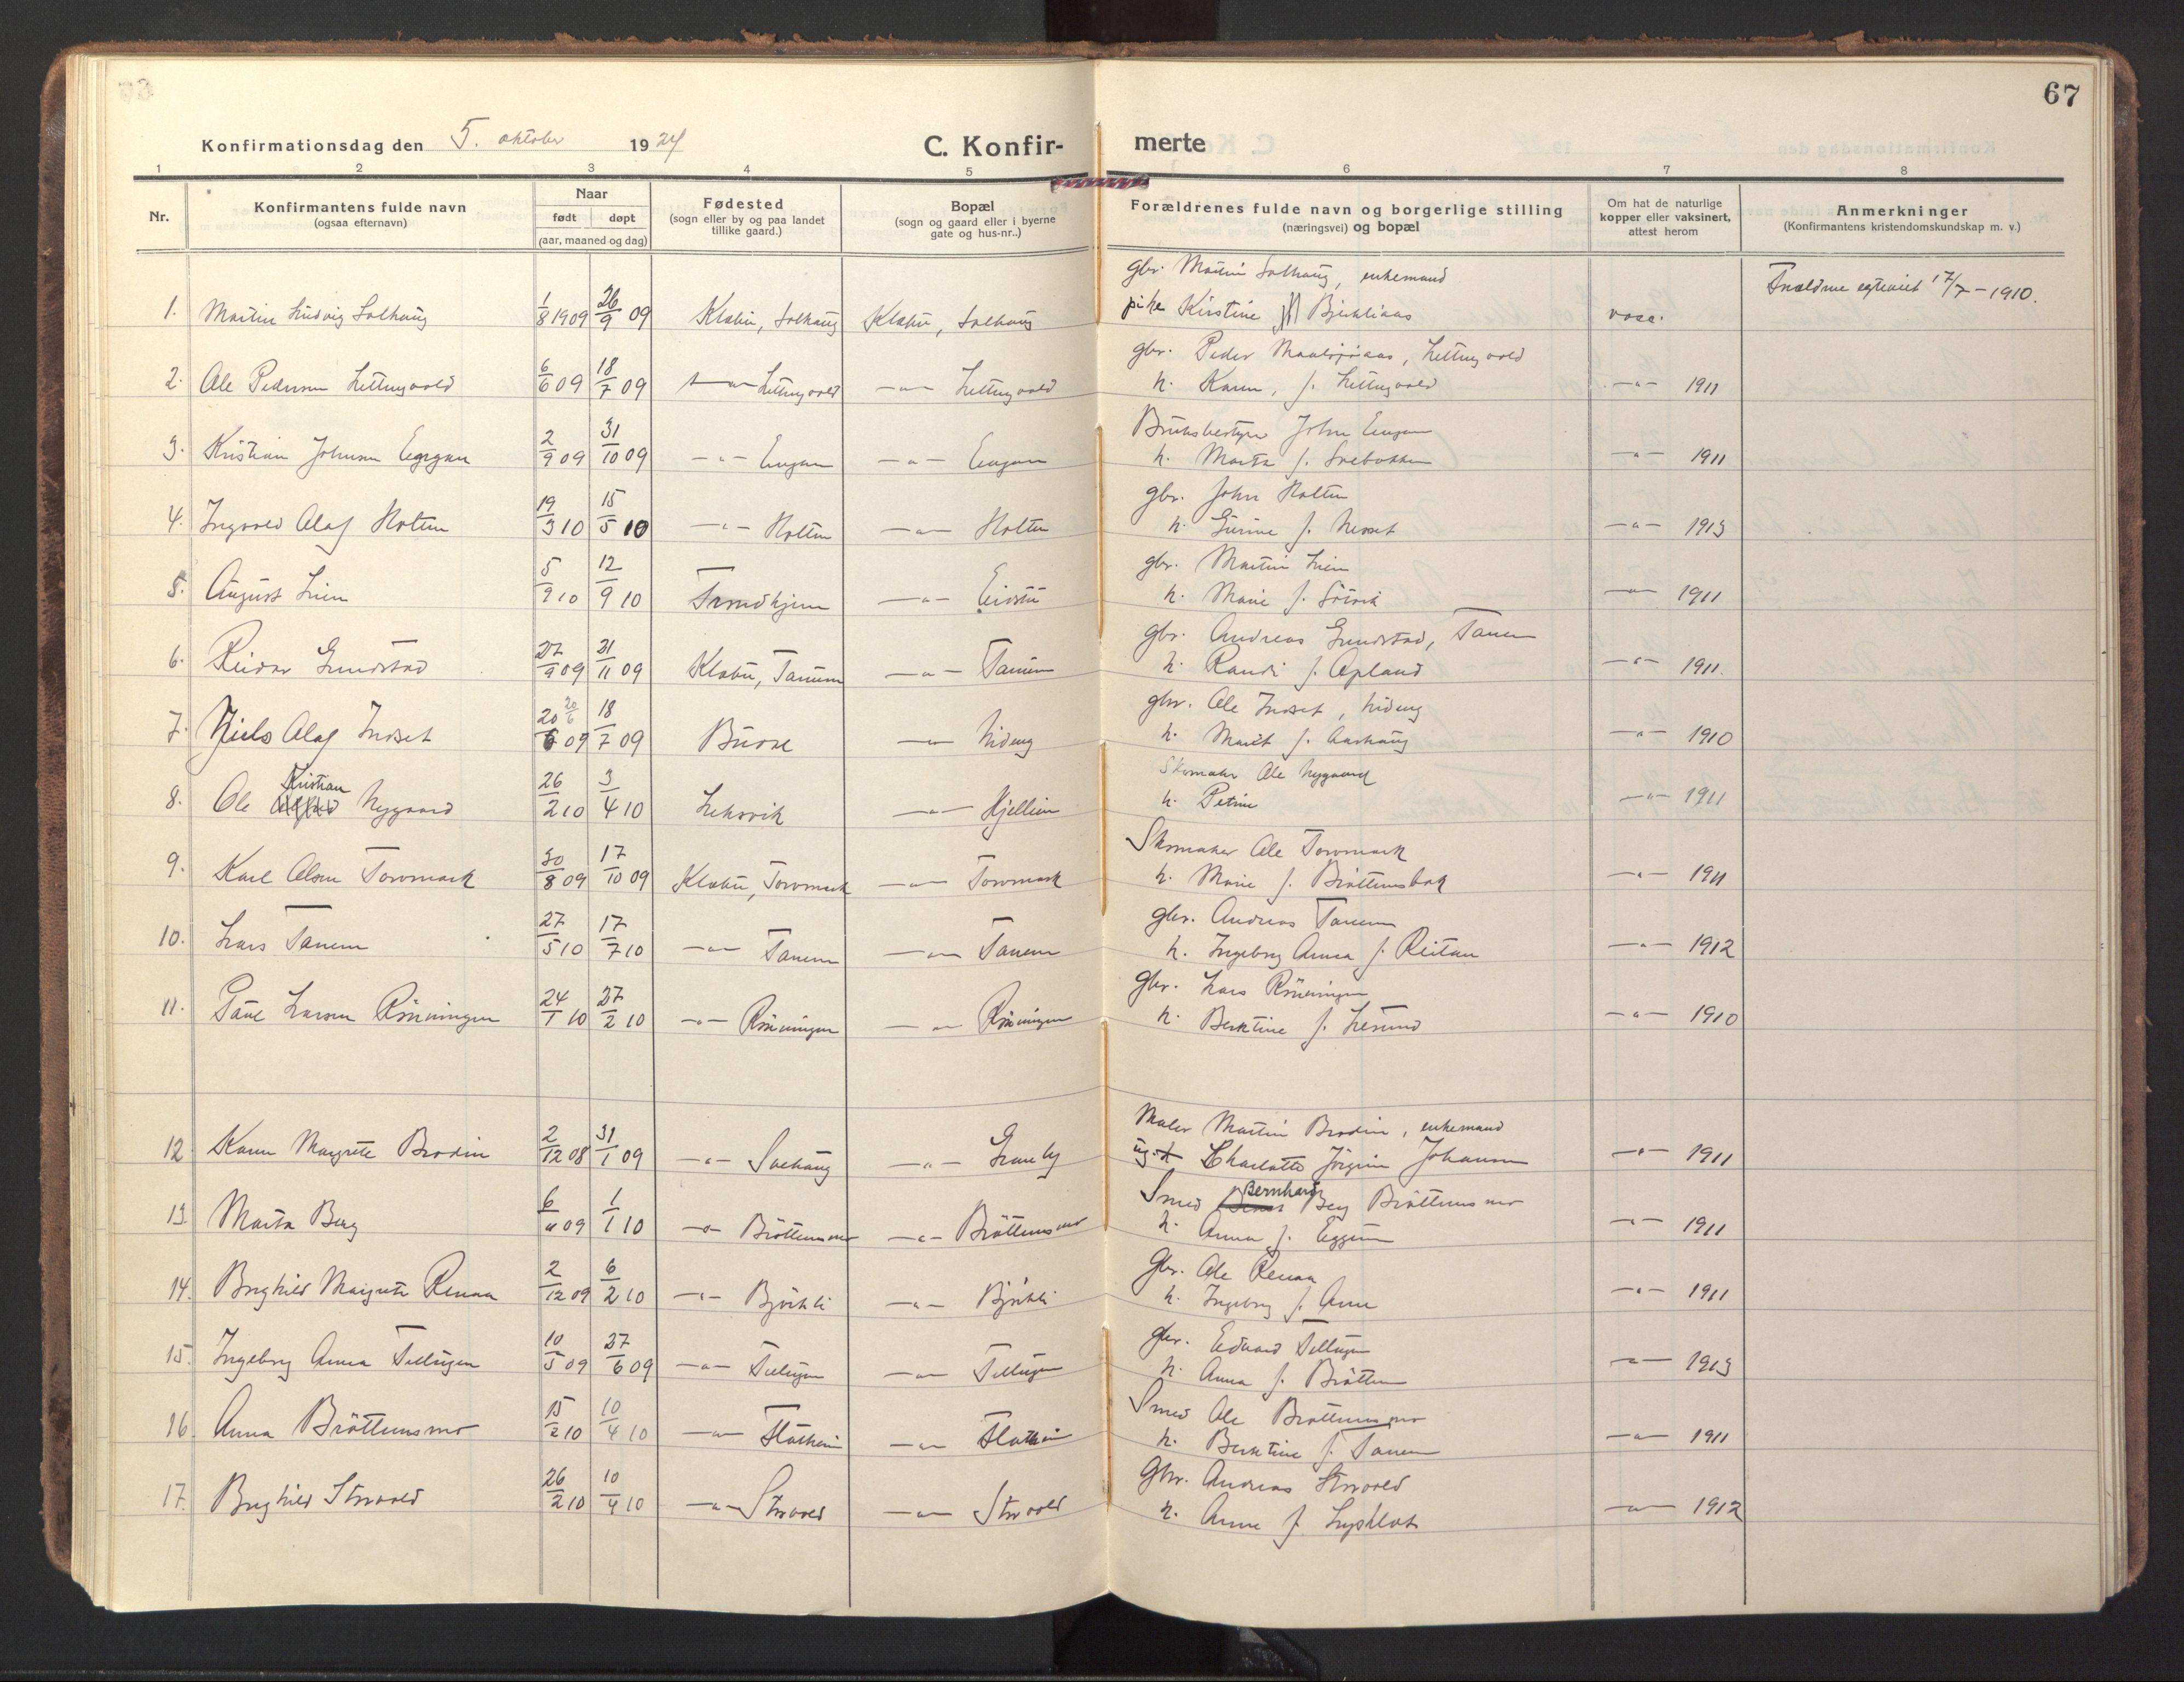 SAT, Ministerialprotokoller, klokkerbøker og fødselsregistre - Sør-Trøndelag, 618/L0449: Ministerialbok nr. 618A12, 1917-1924, s. 67